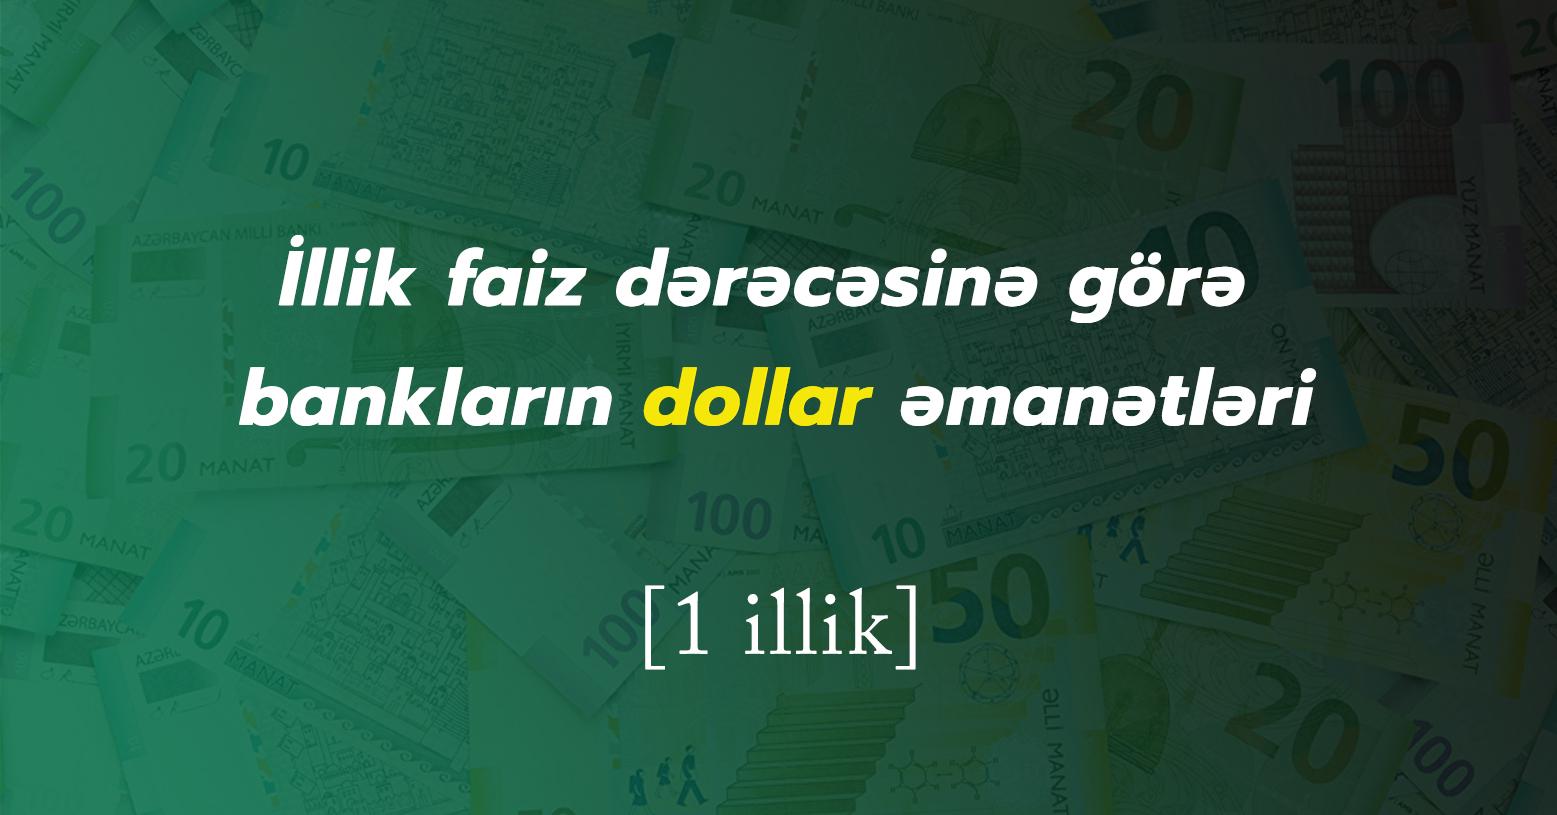 Dollar əmanəti hansı banklarda daha sərfəlidir? - İyun 2021